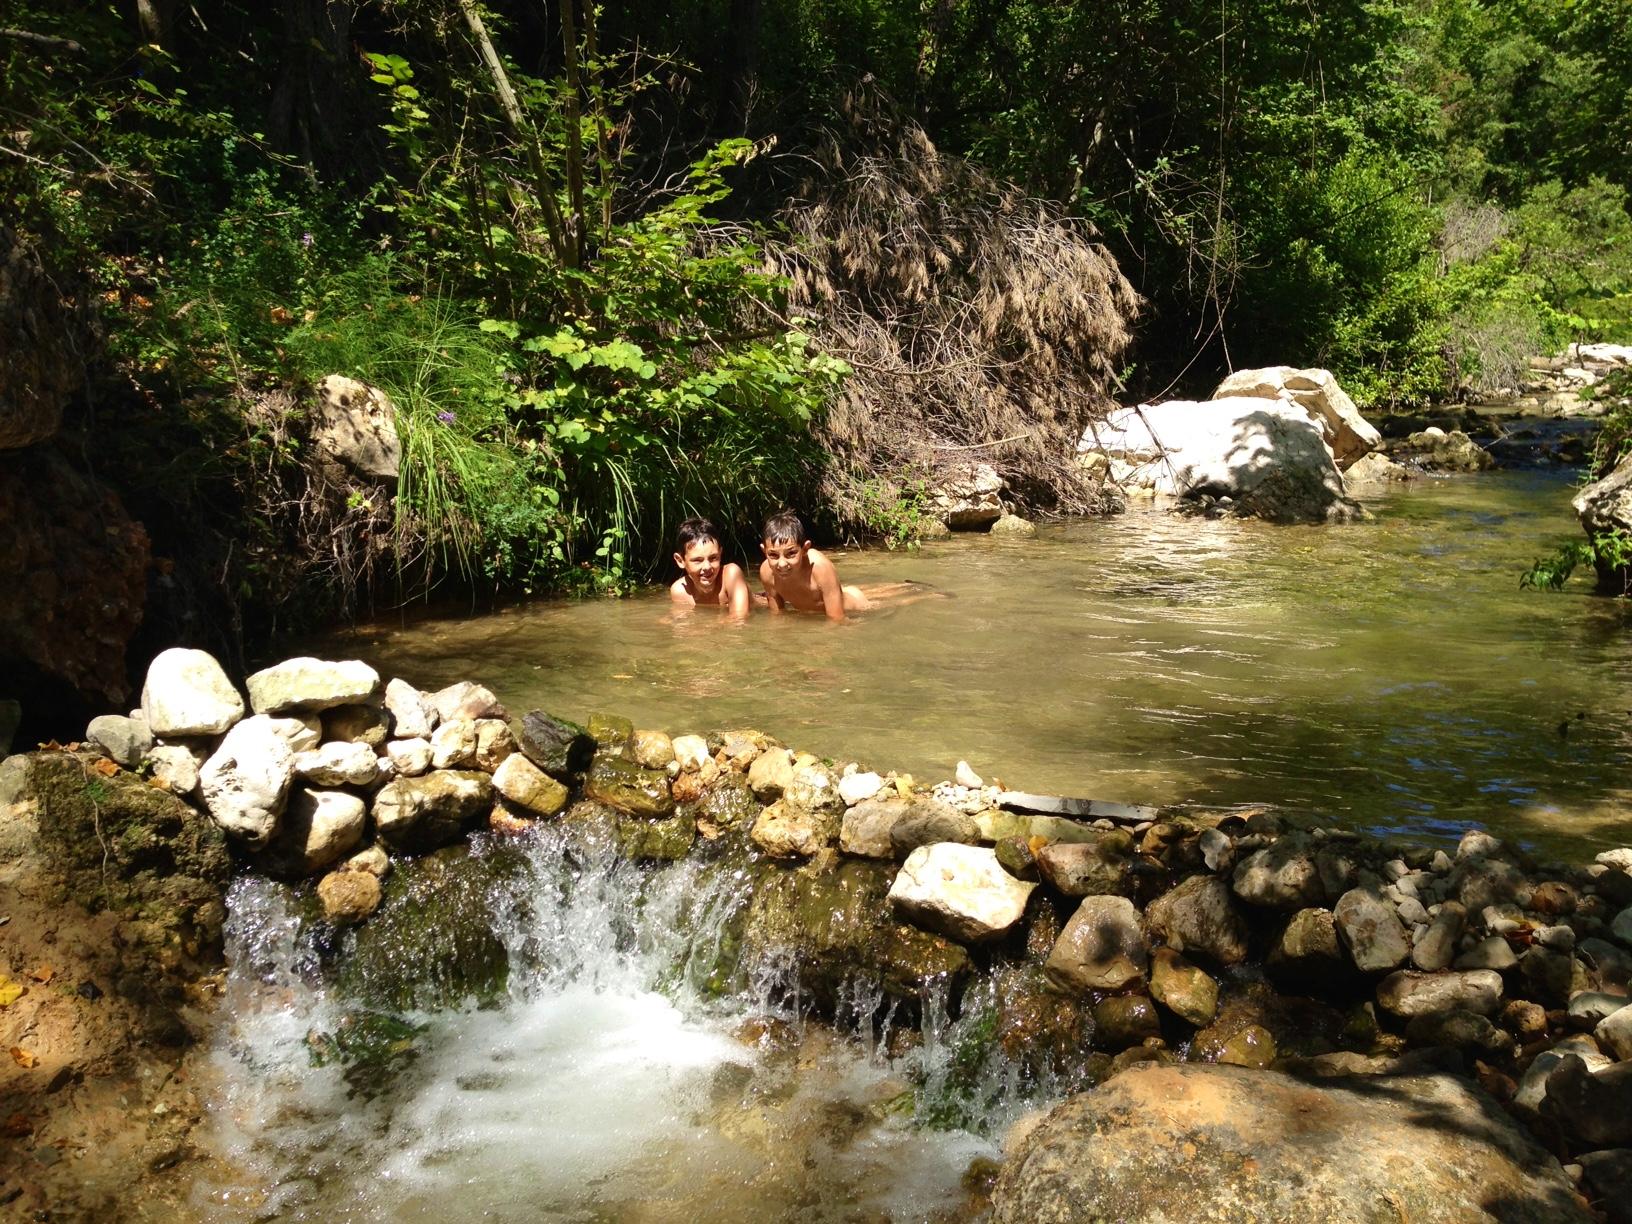 les_enfant_dans_la_rivière_Florièye.jpg